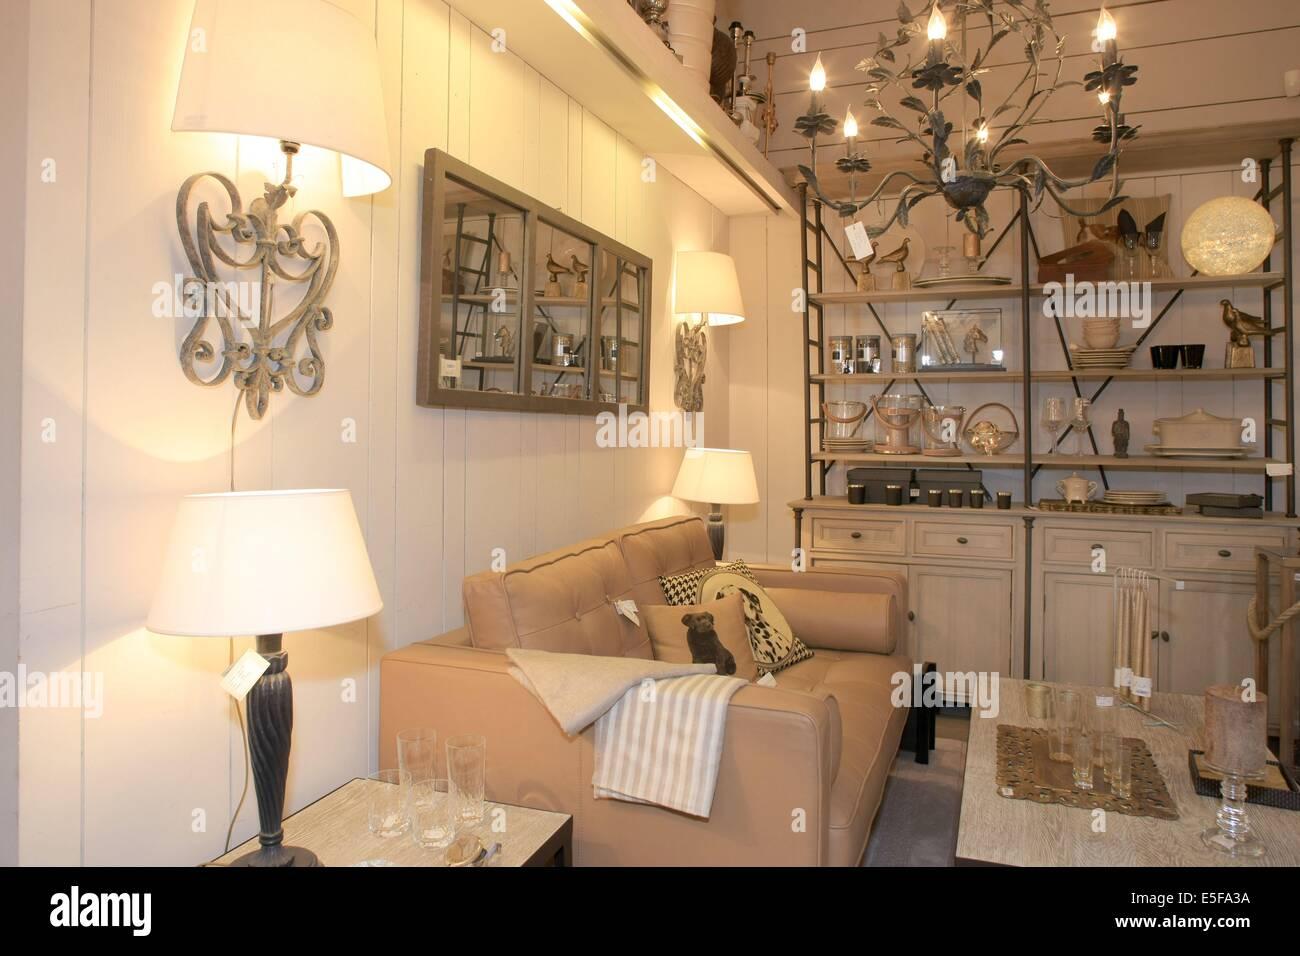 Boutique Blanc D\'ivoire Stock Photos & Boutique Blanc D ...